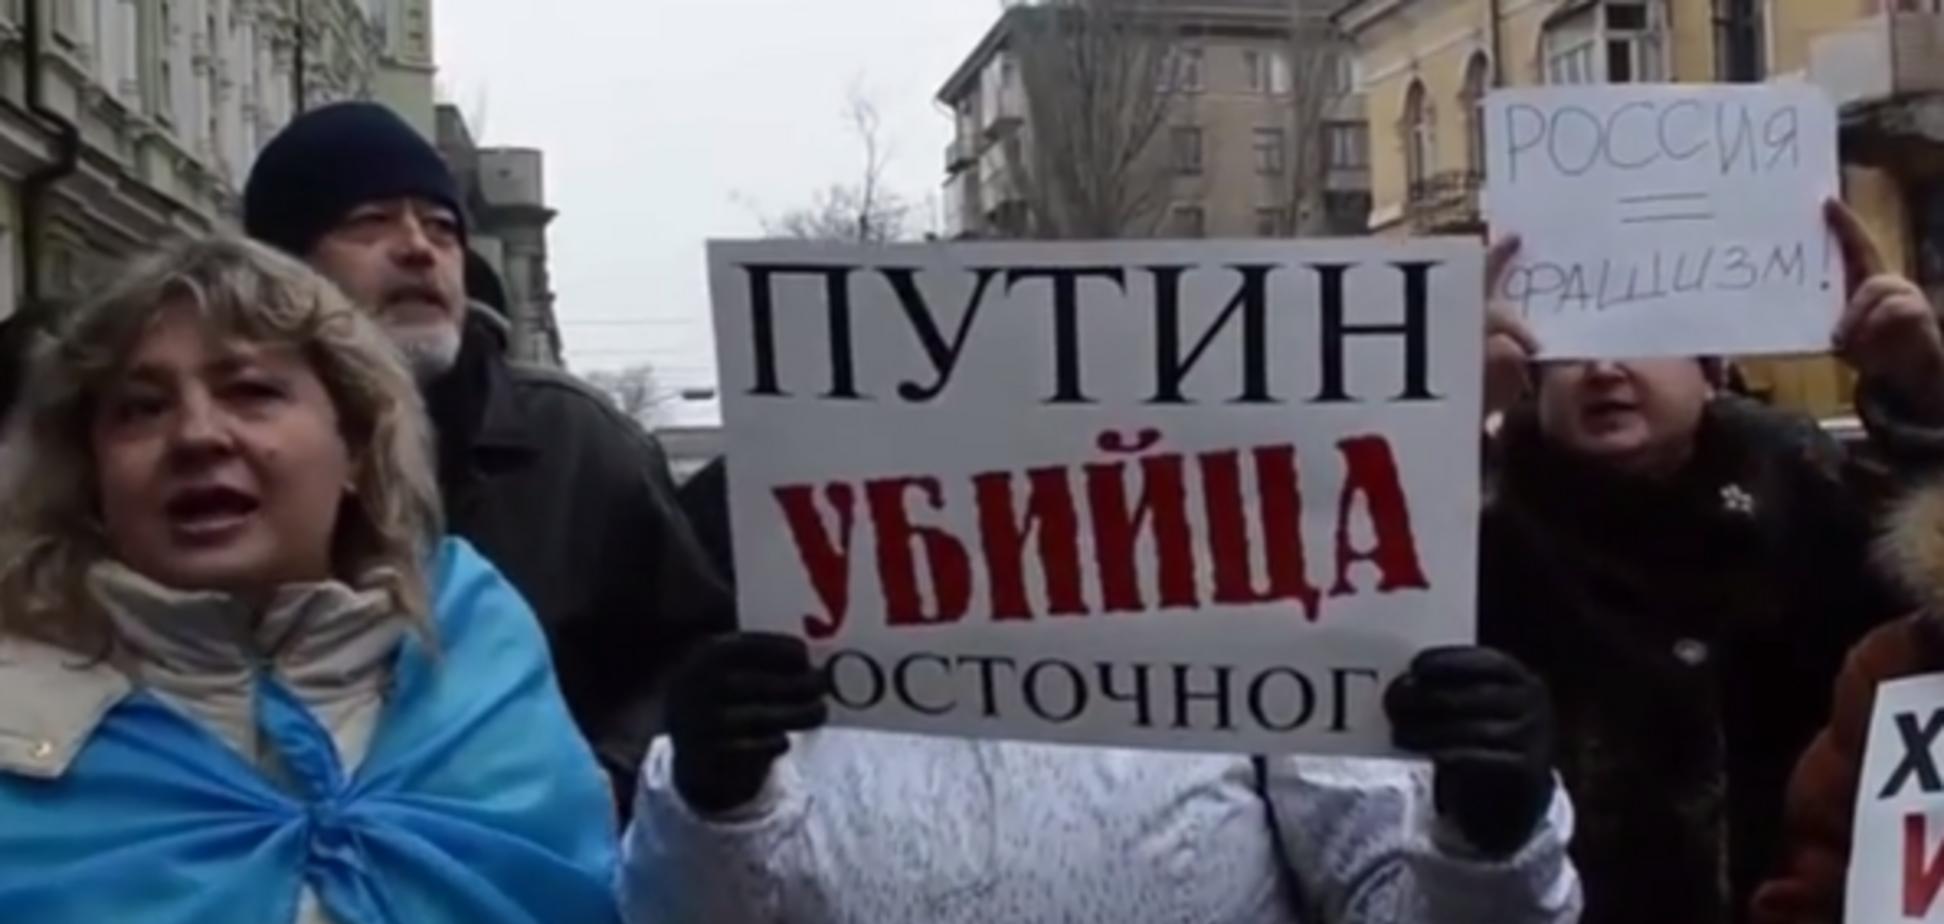 Эмоциональное видео из Мариуполя: зачем в наш город лезет эта 'ДНР'?